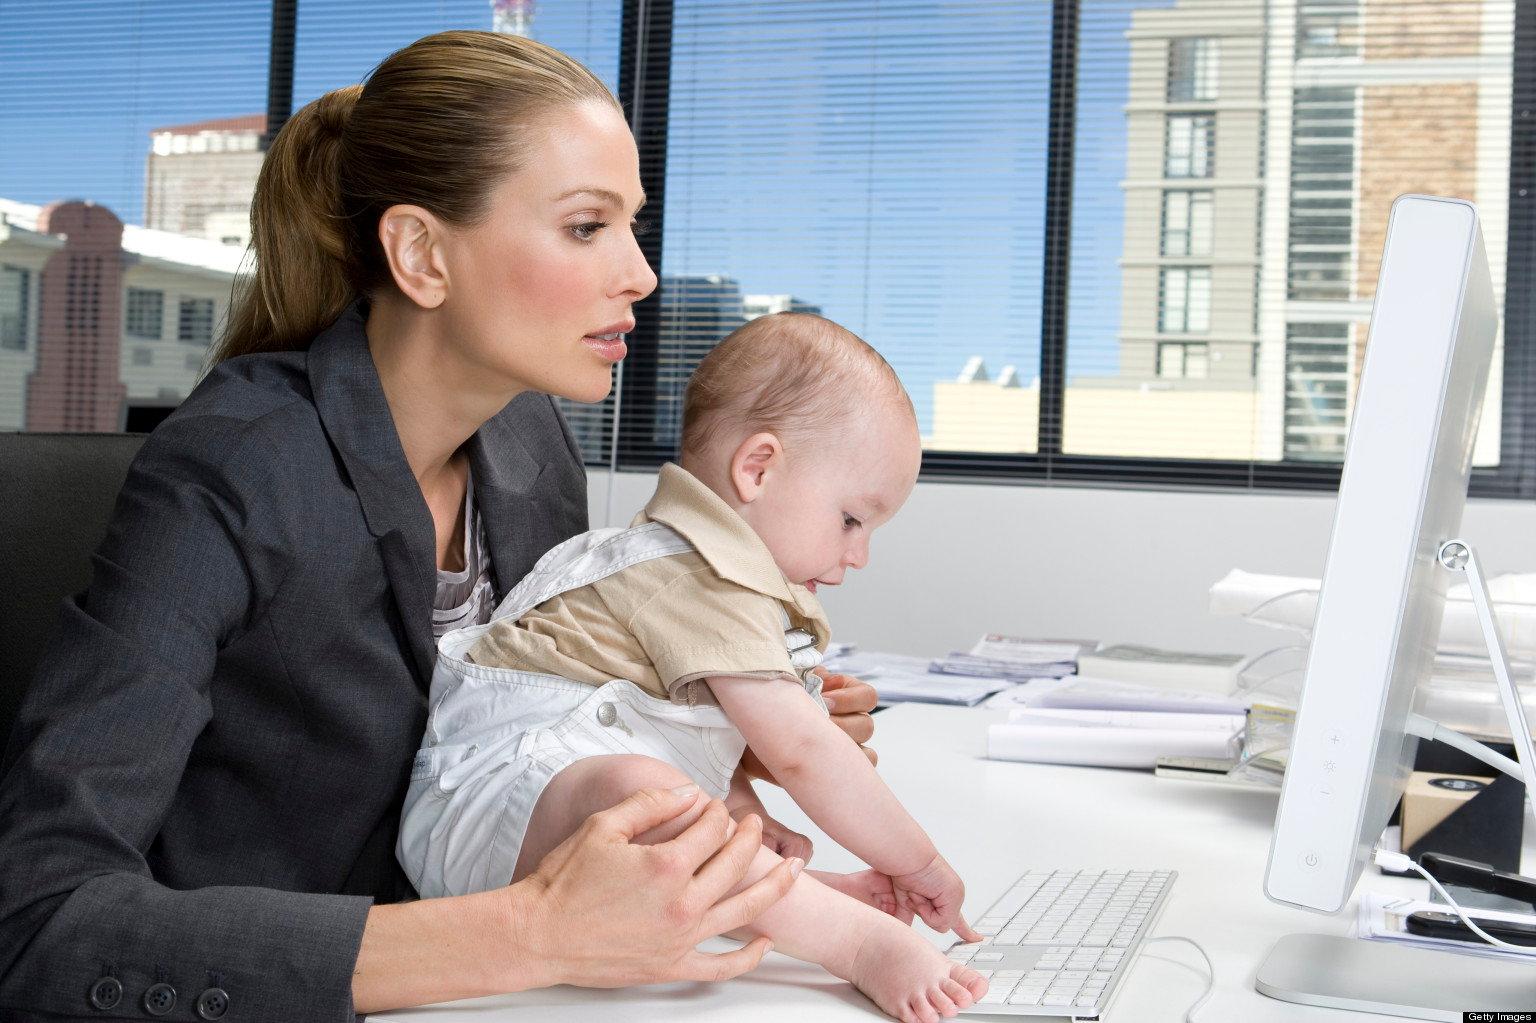 Moms in Power: Каково влияние успешных бизнес-мам в США и Китае